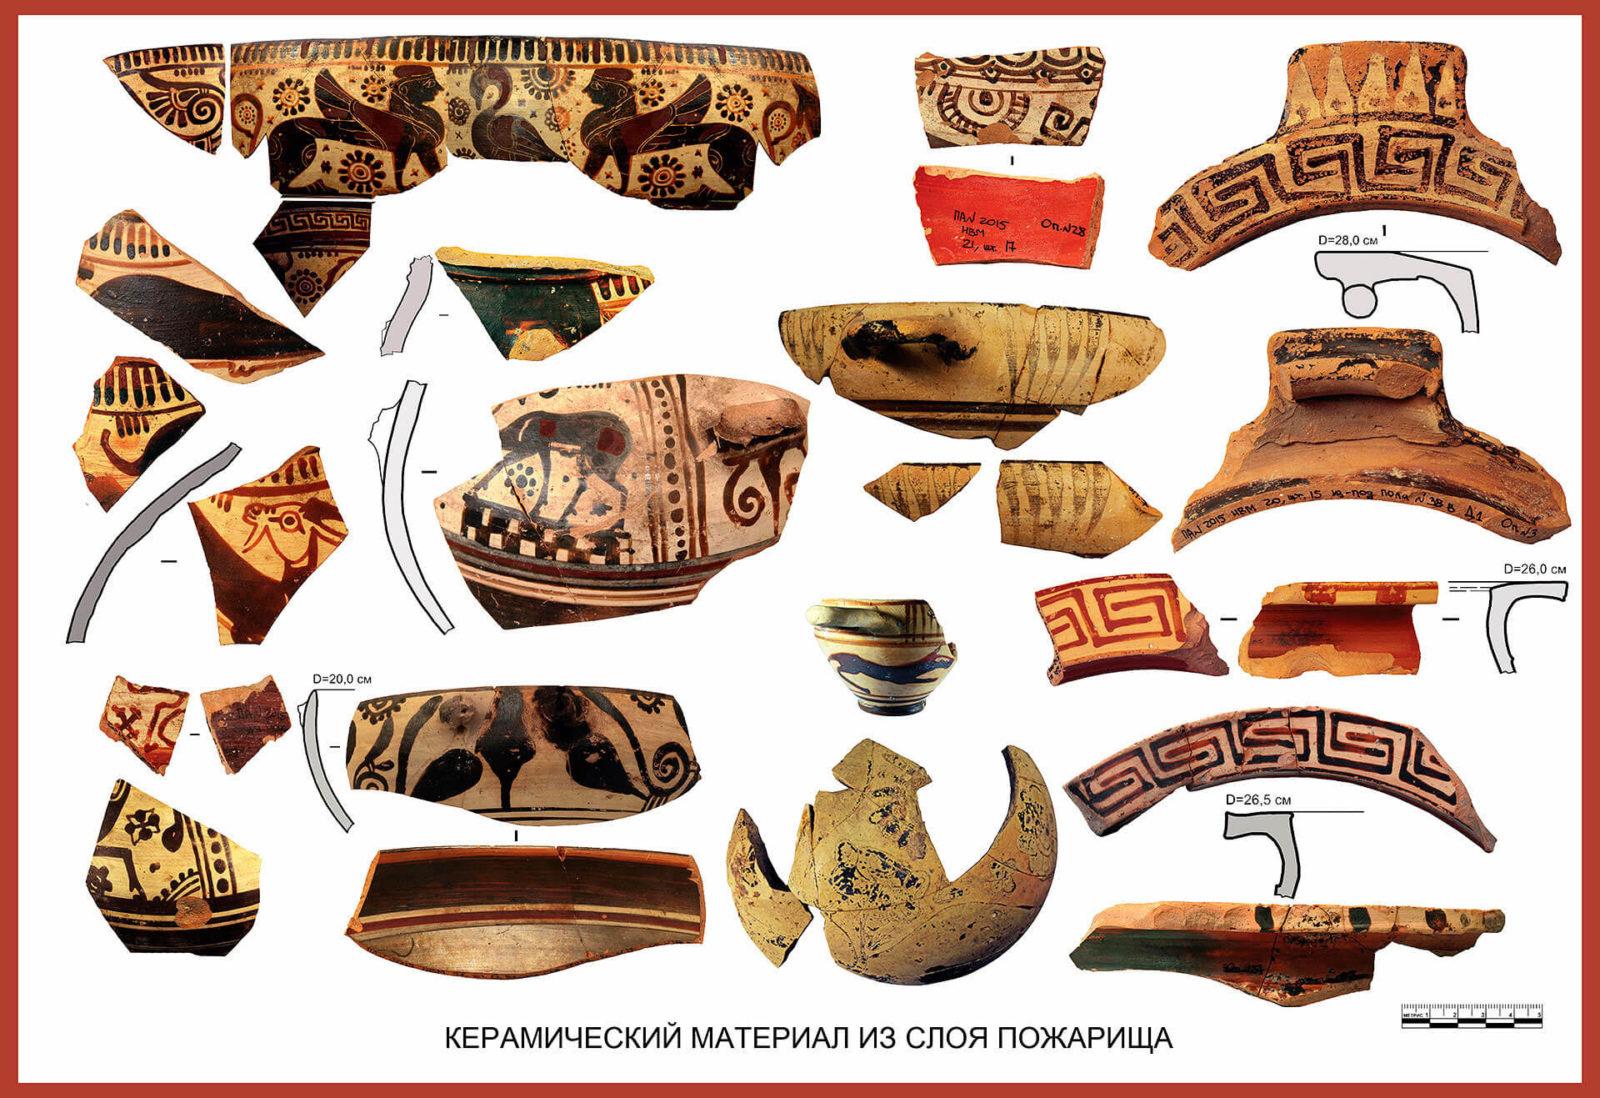 Ранняя восточно-греческая и протокоринфская керамика из слоя пожарища. Фото: © Личный архив Владимира Толстикова